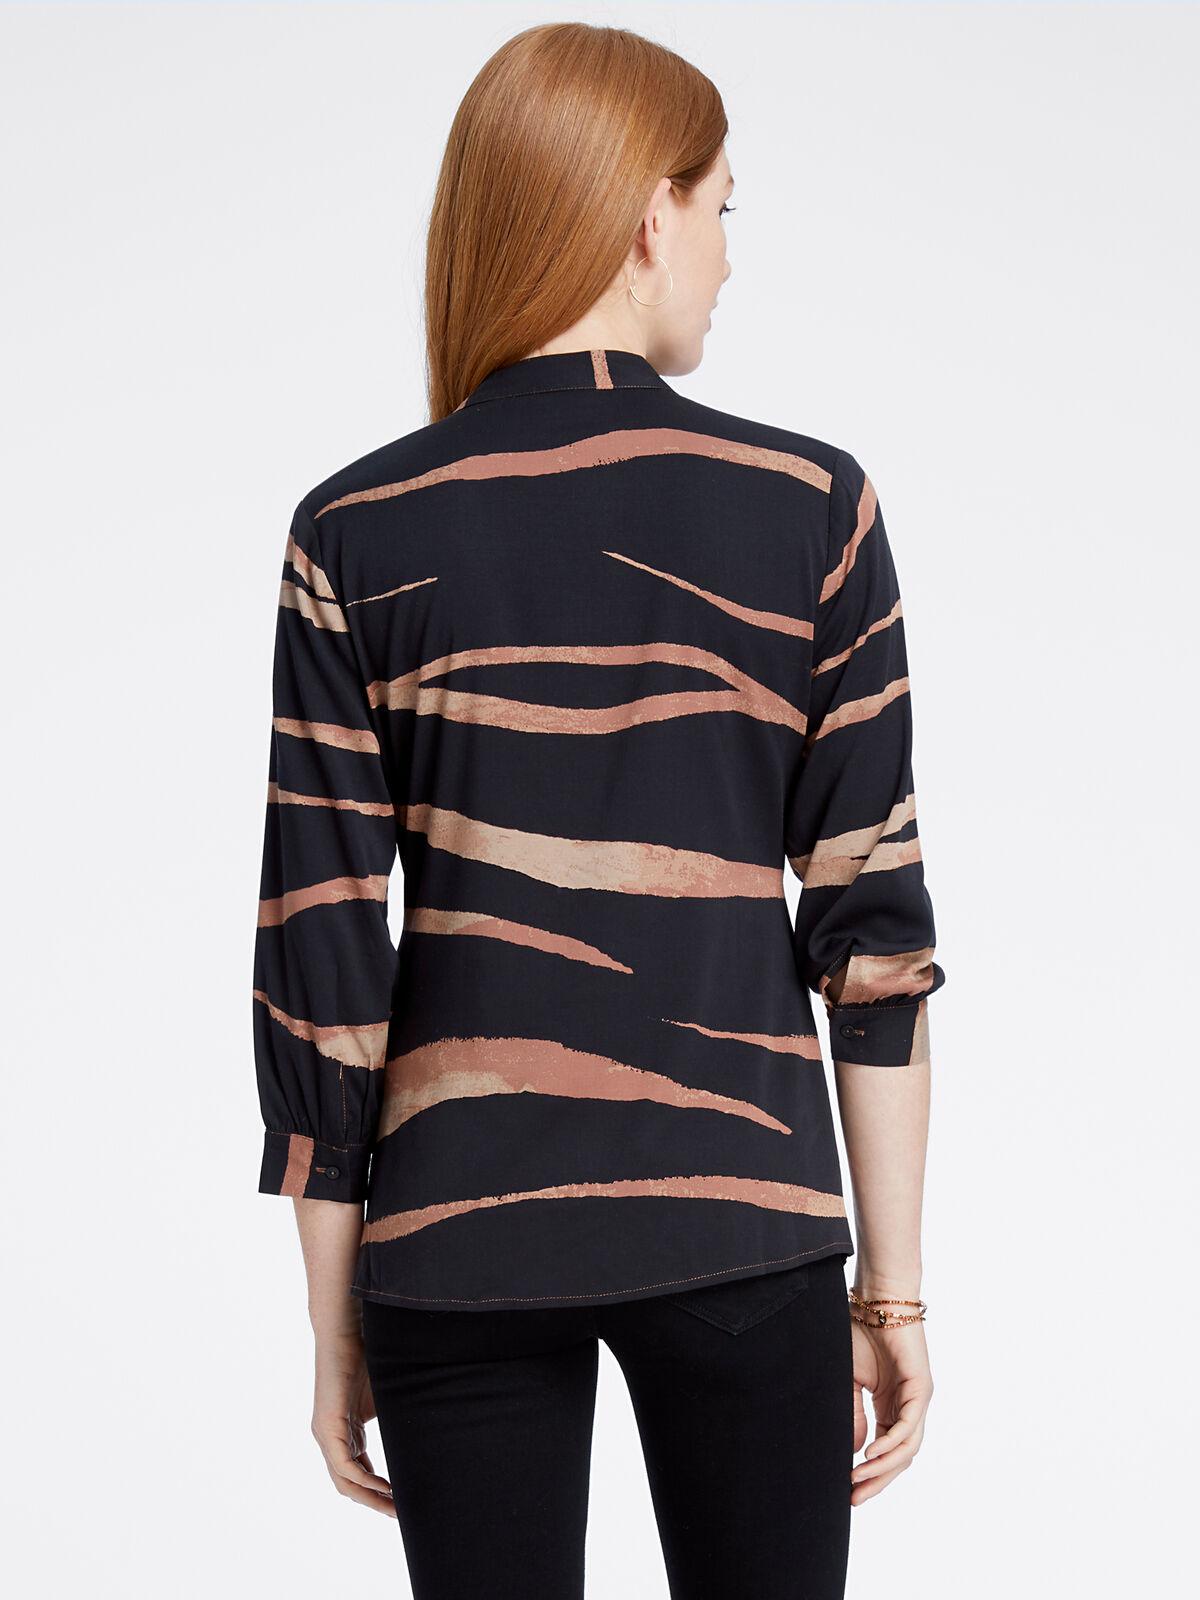 Abstract Animal Shirt